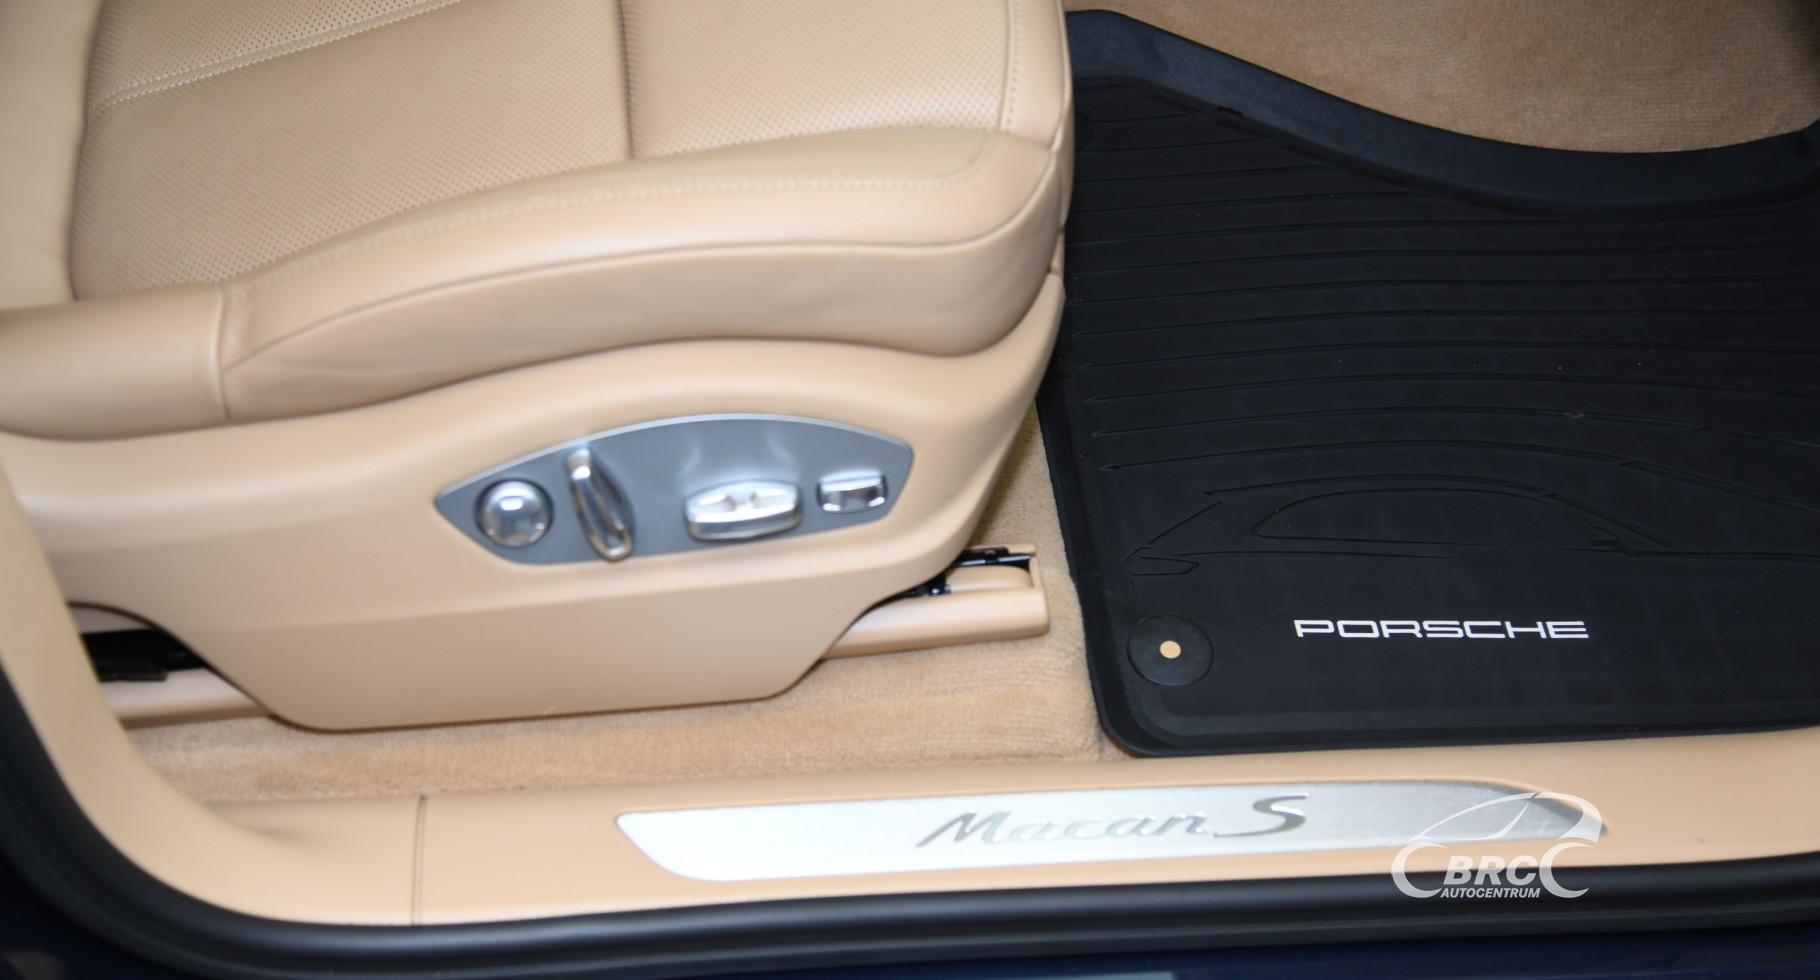 Porsche Macan S 3.6 V6 Automatas